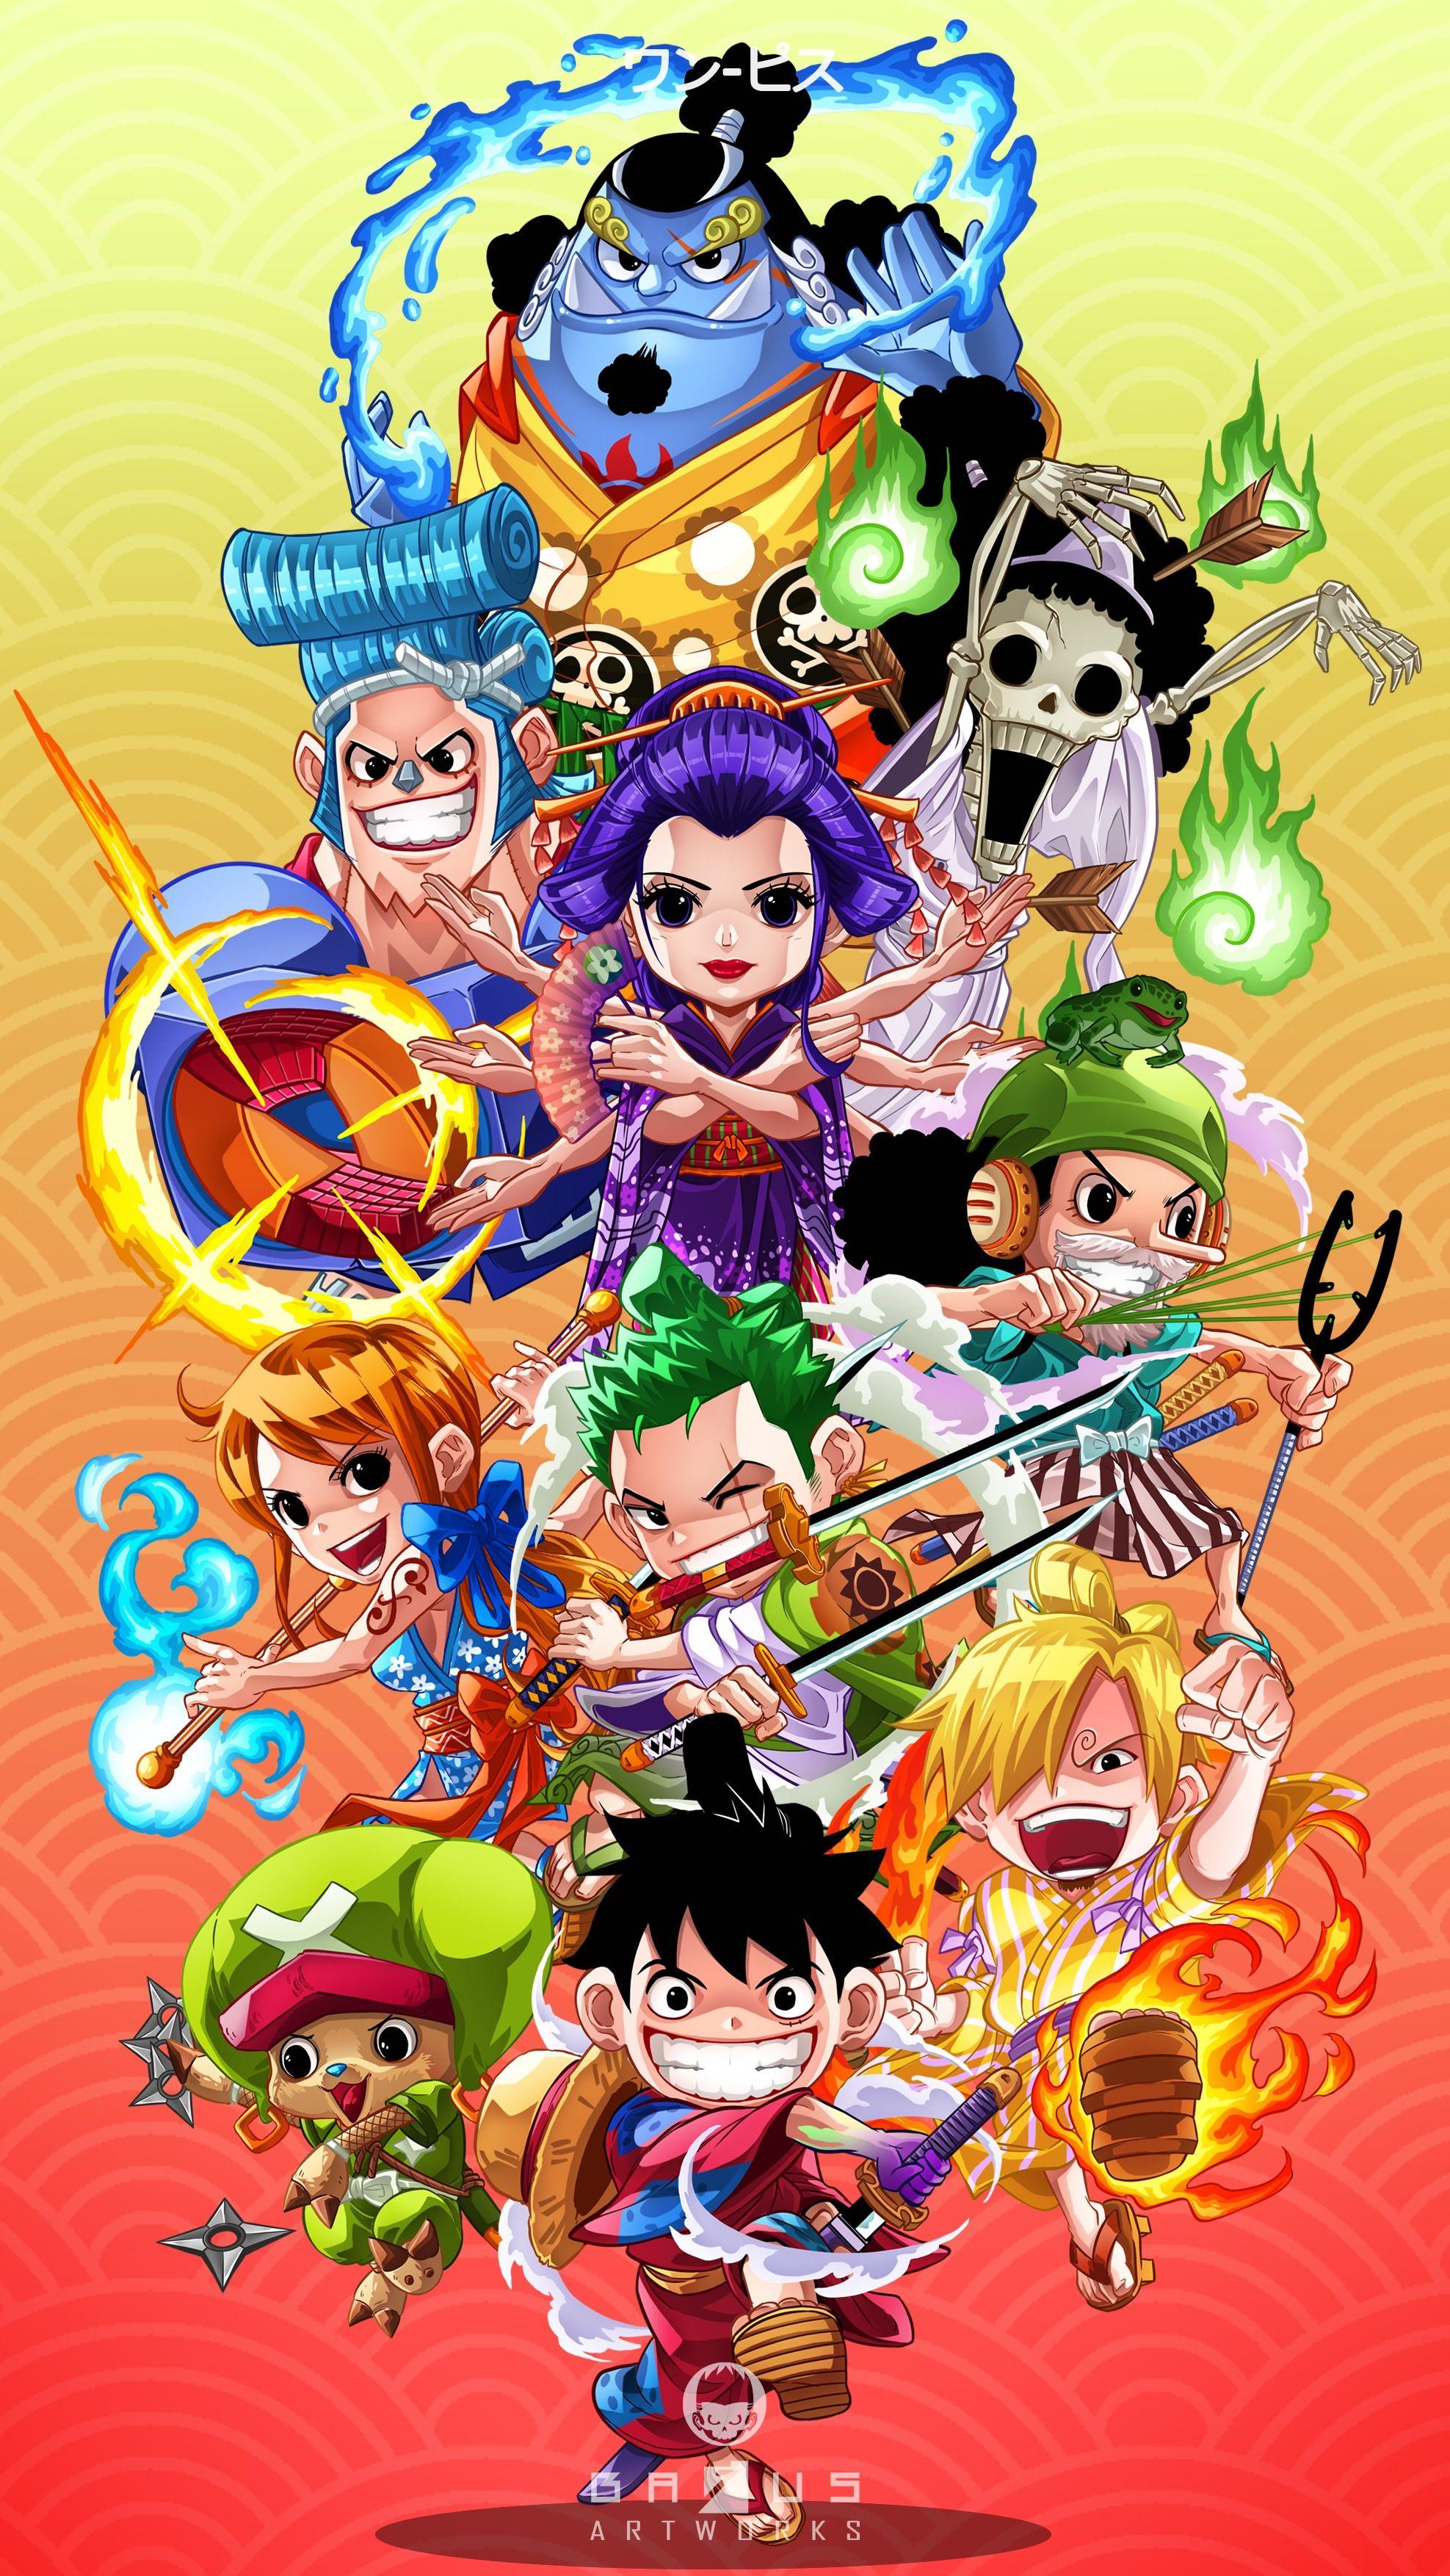 Free Wallpaper One Piece Arc Wano Oleh Bagus Tri Cahyono Karyakarsa Di 2020 Karya Seni 3d Seni Jepang Ilustrasi Karakter